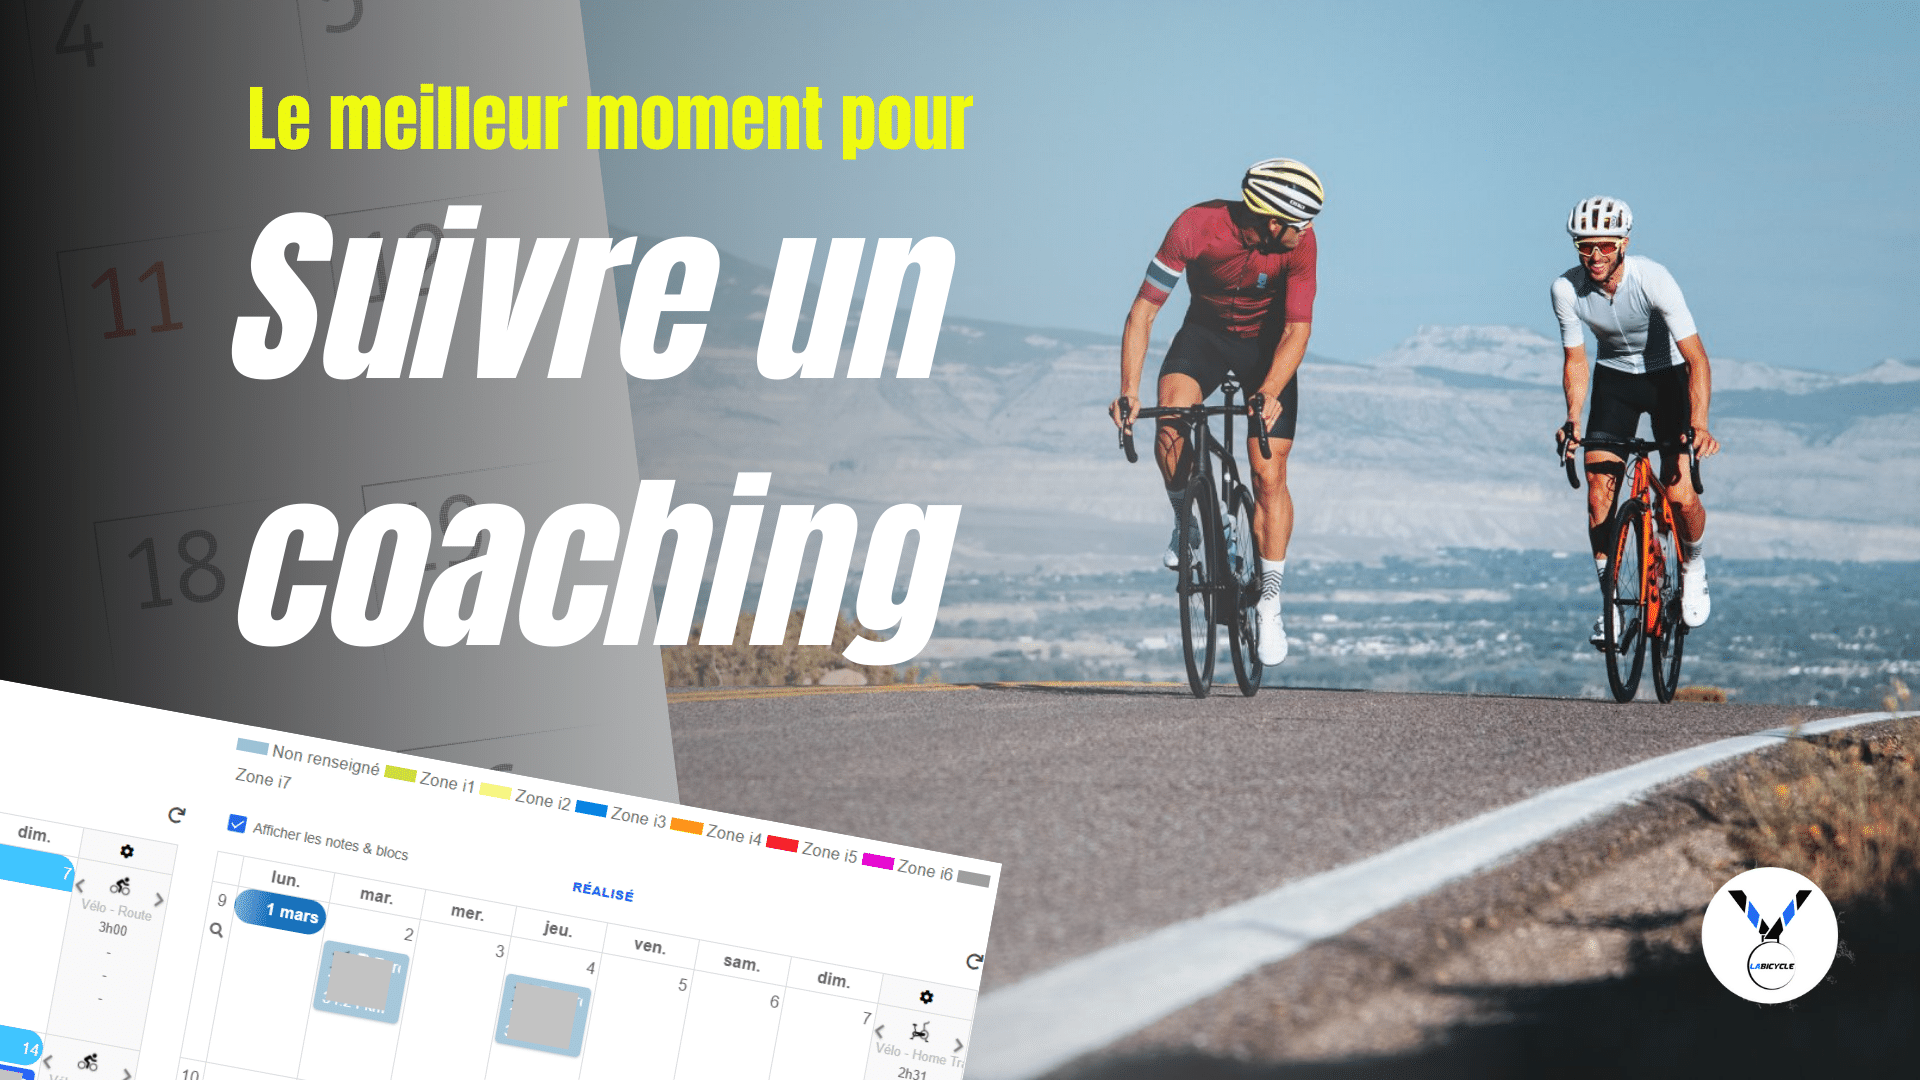 Quel est le meilleur moment pour faire du coaching cycliste ?